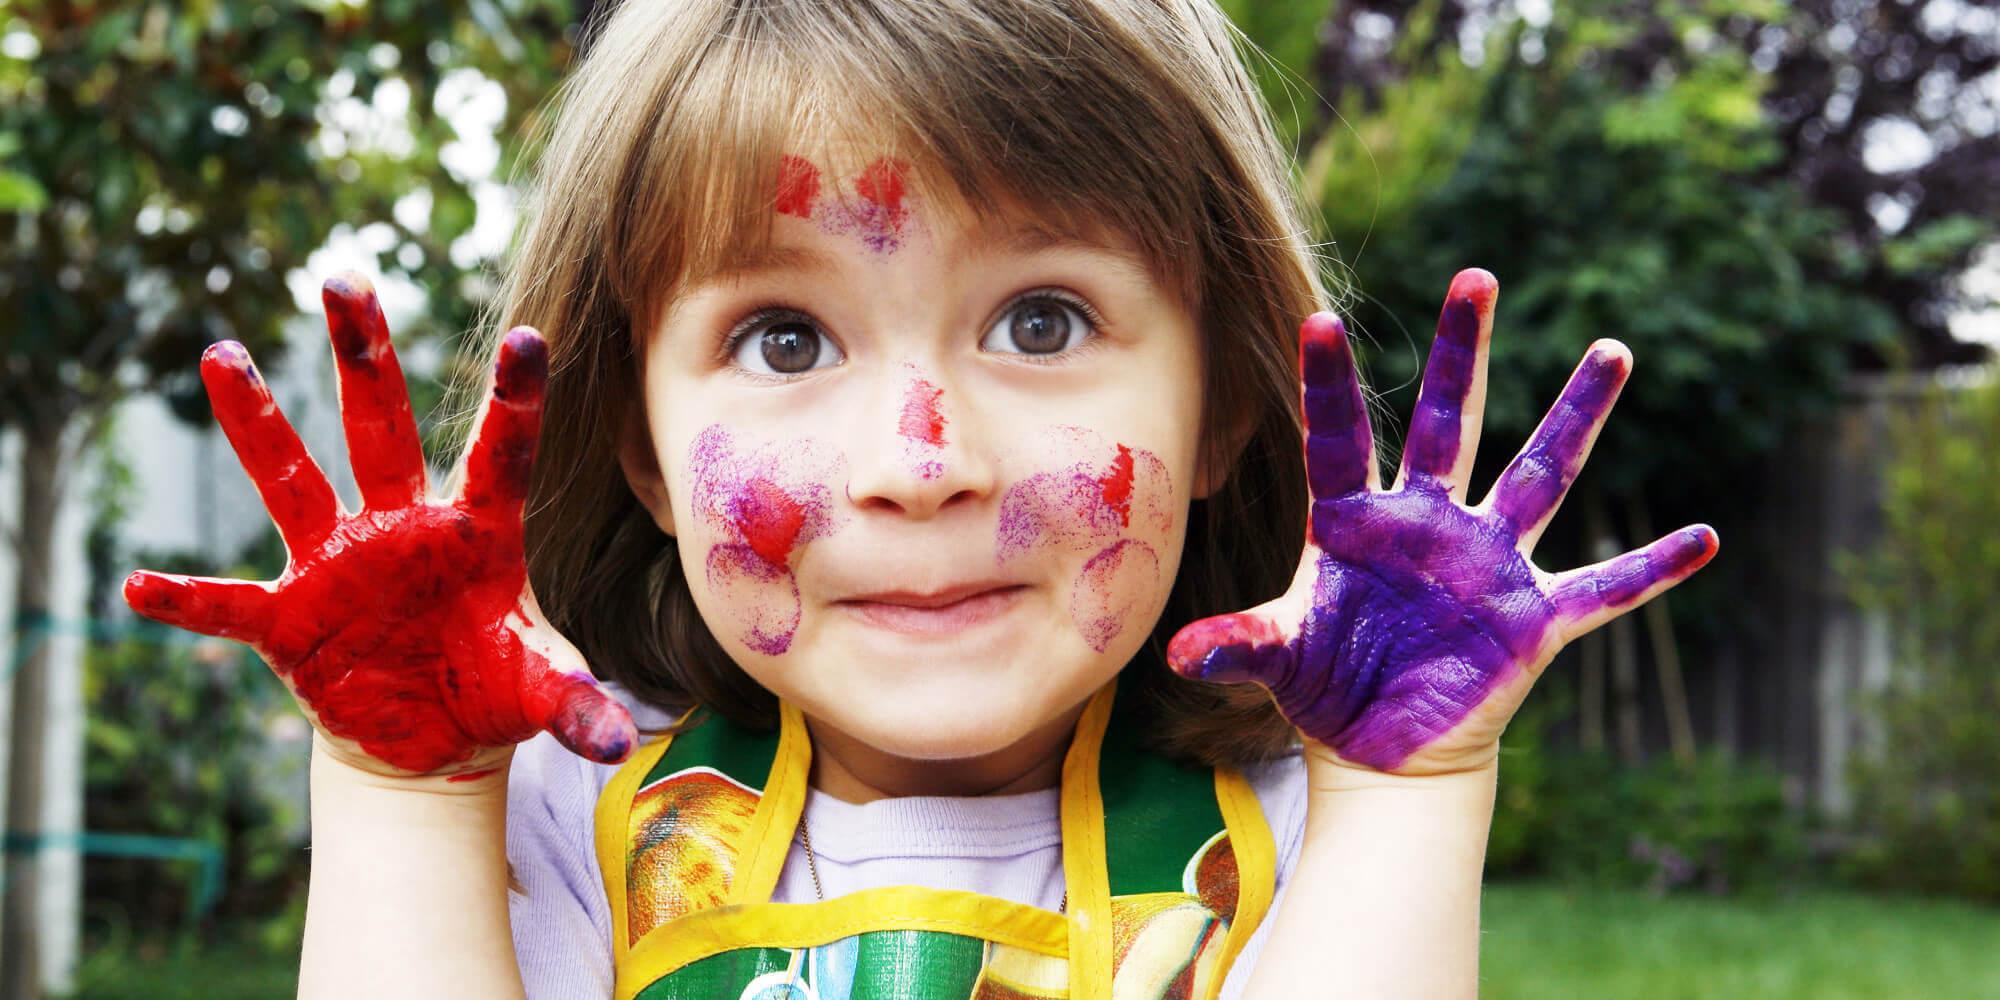 flicka med händer målade i färger